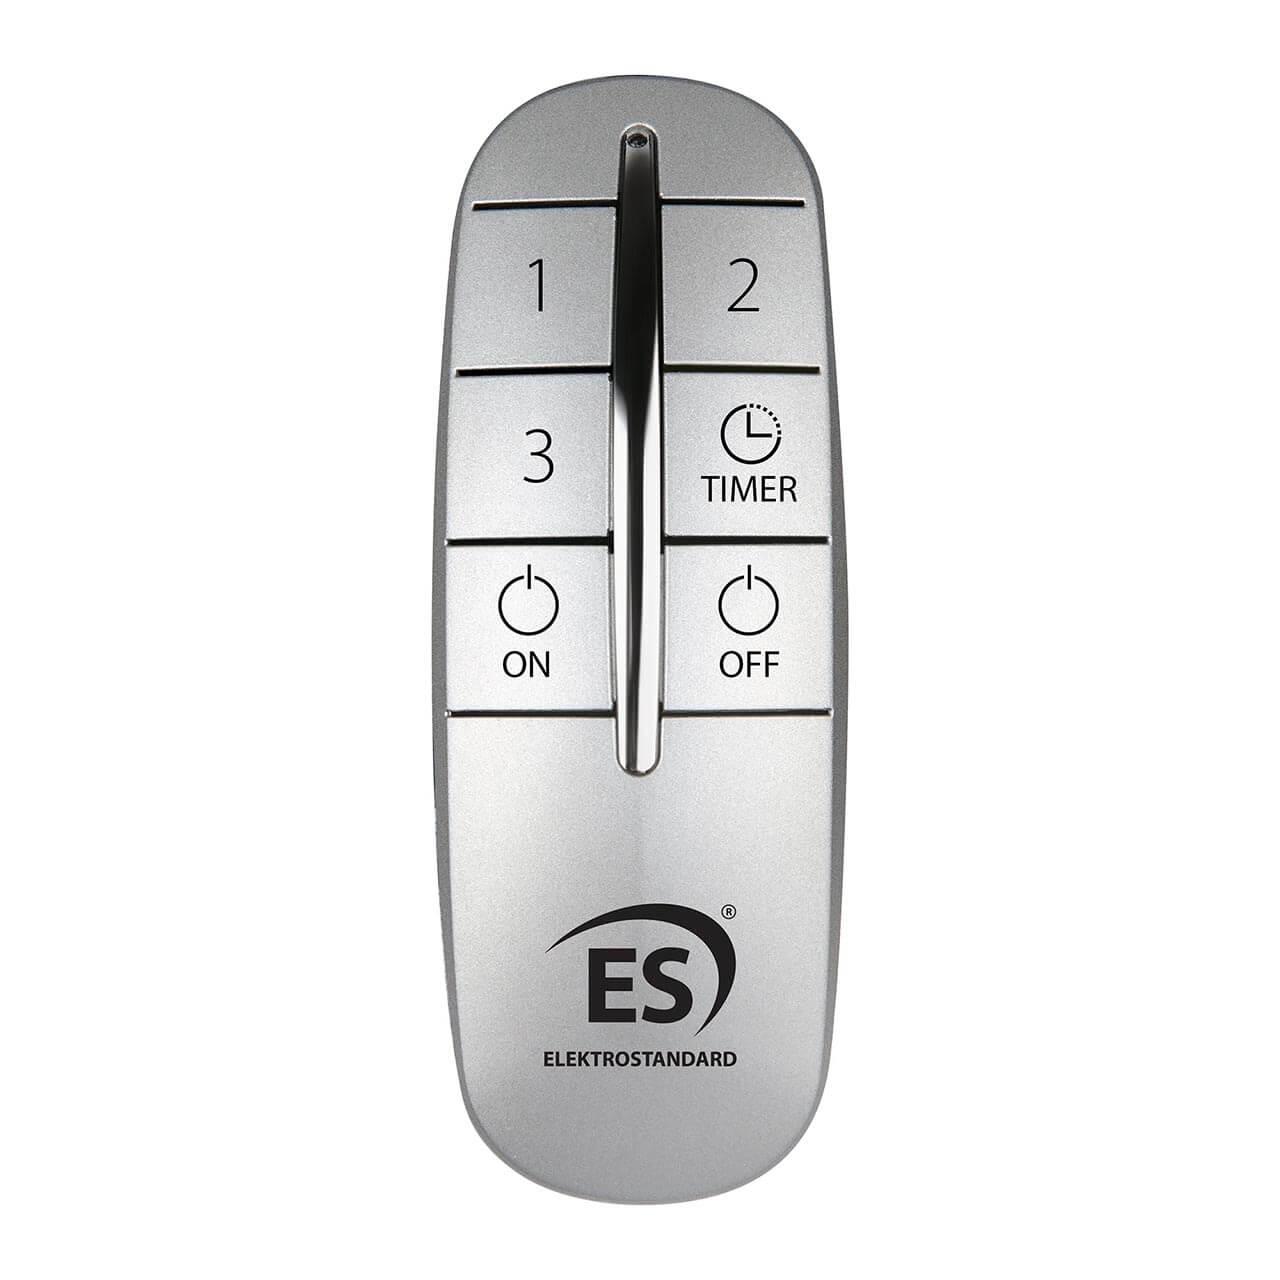 Пульт управления Elektrostandard 4690389133657 Y10